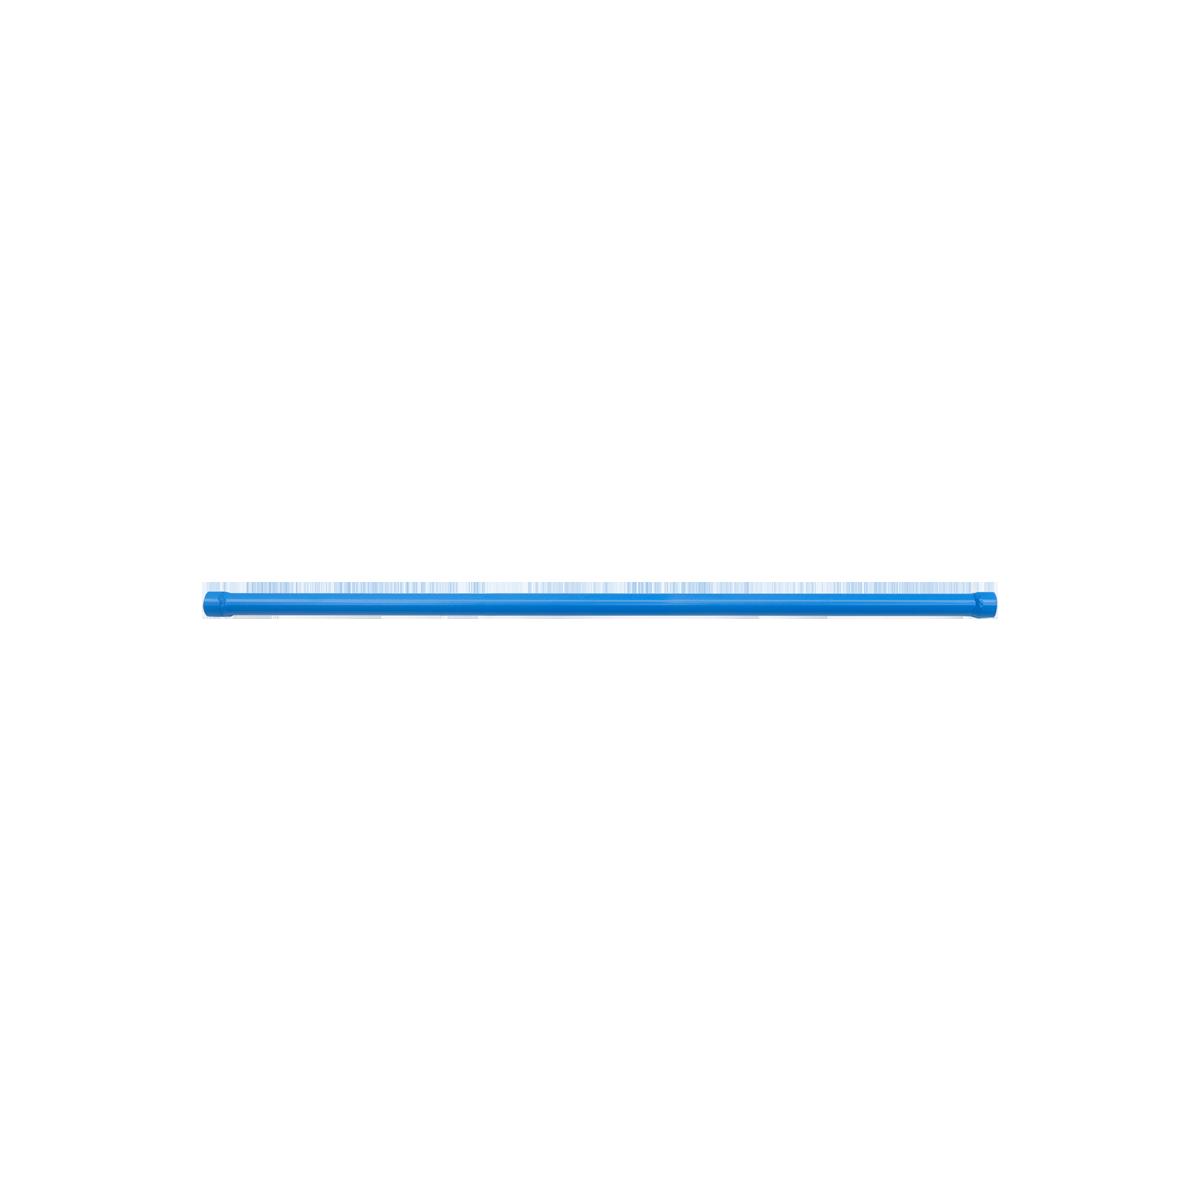 Σωλήνας Σύνδεσης / Μονοζύγου Φ33 x 1,8 x 1120mm